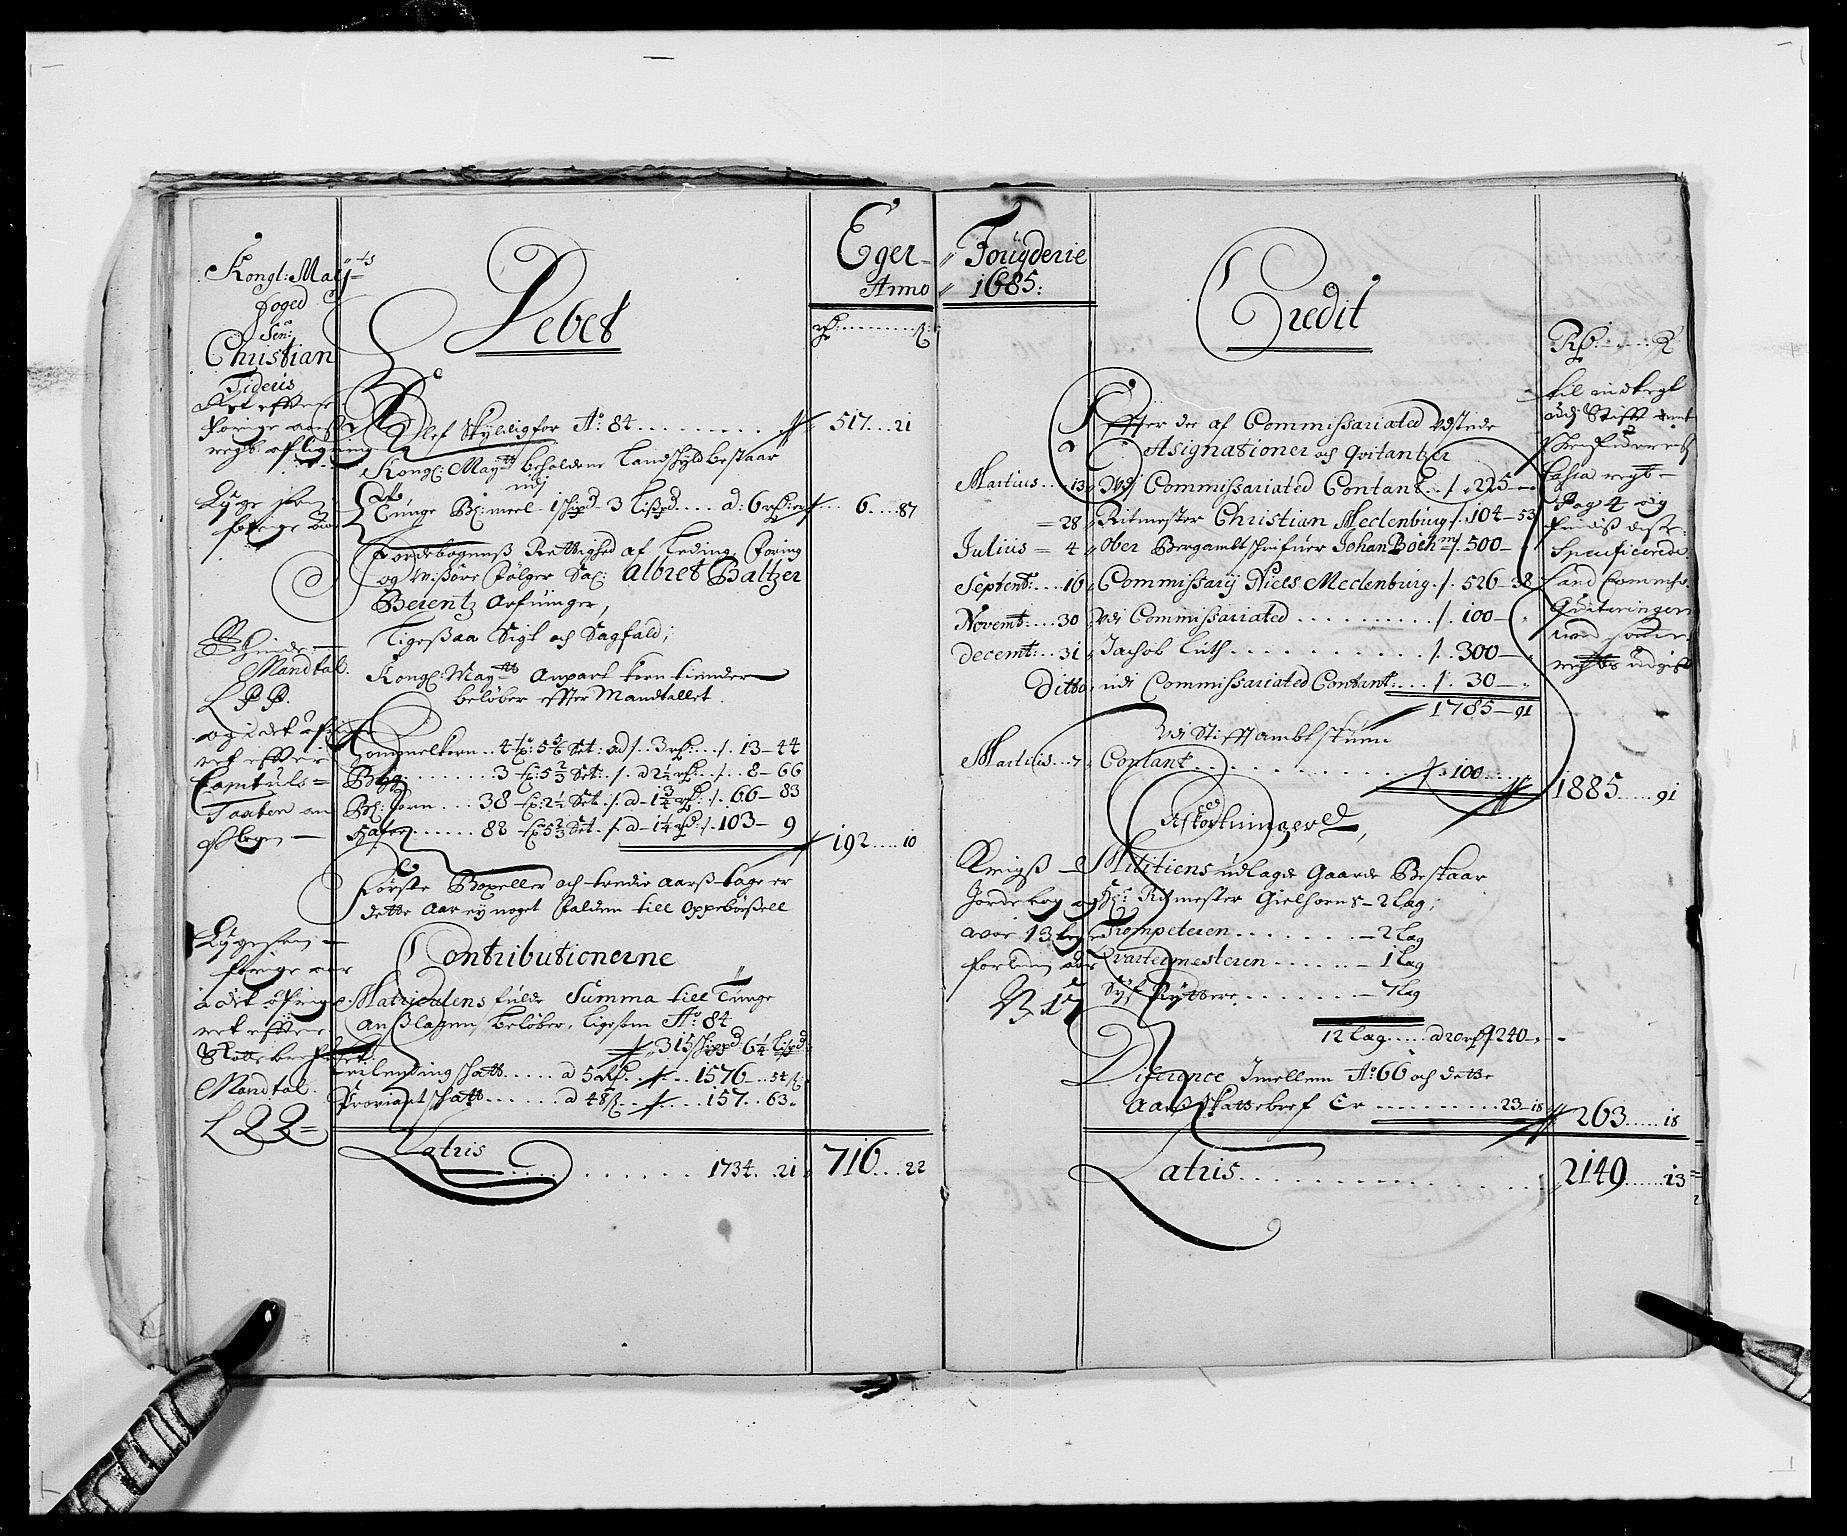 RA, Rentekammeret inntil 1814, Reviderte regnskaper, Fogderegnskap, R26/L1684: Fogderegnskap Eiker, 1679-1686, s. 23